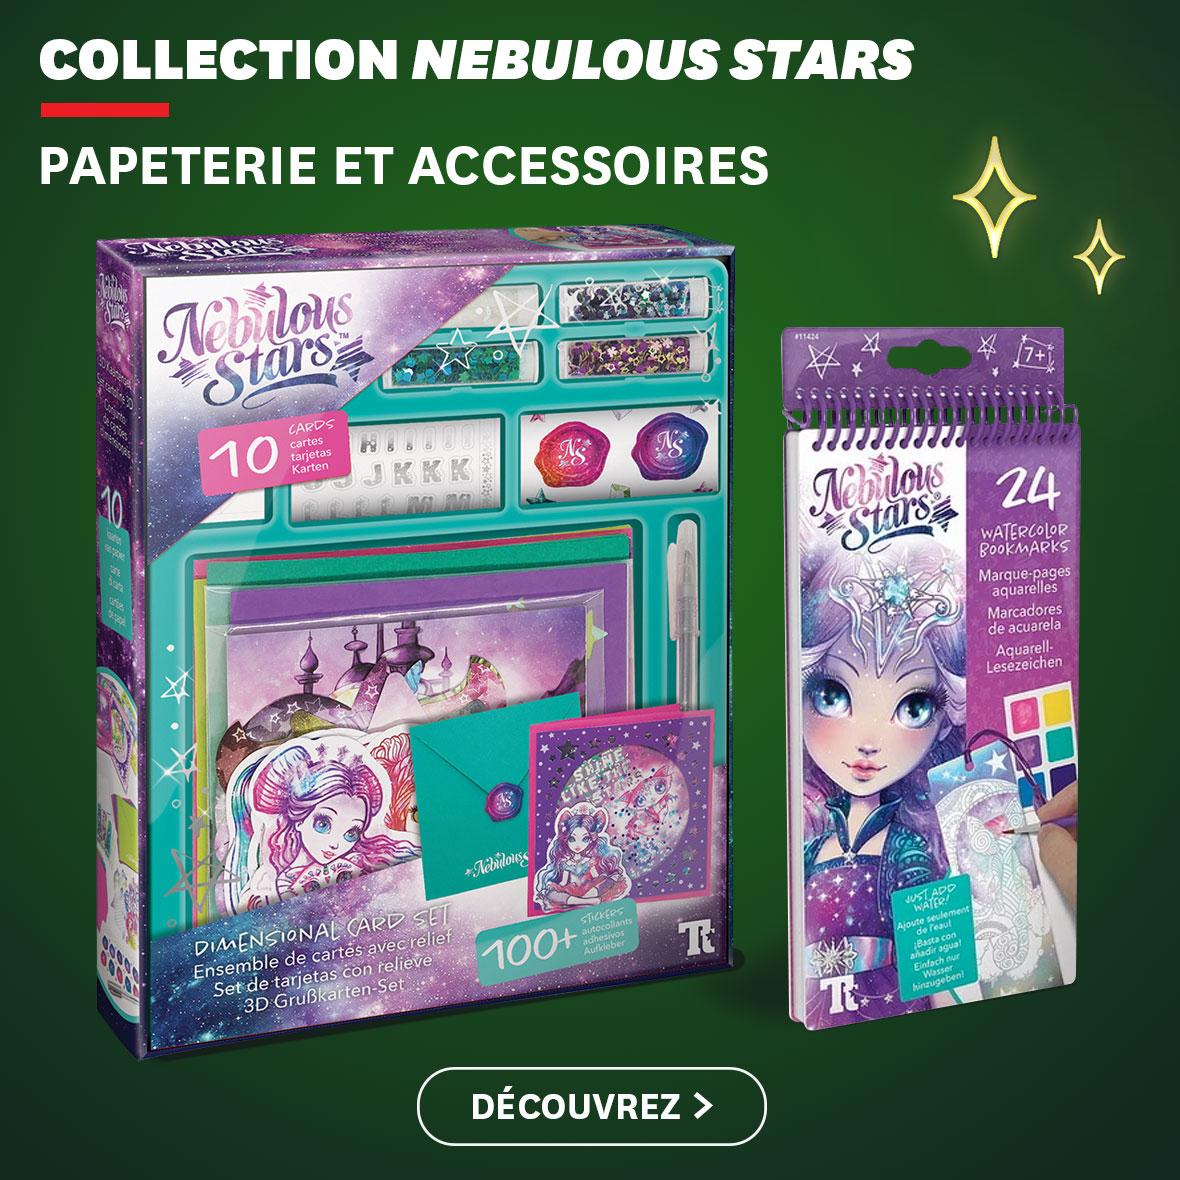 Collection Nebulous Stars : papeterie et accessoires